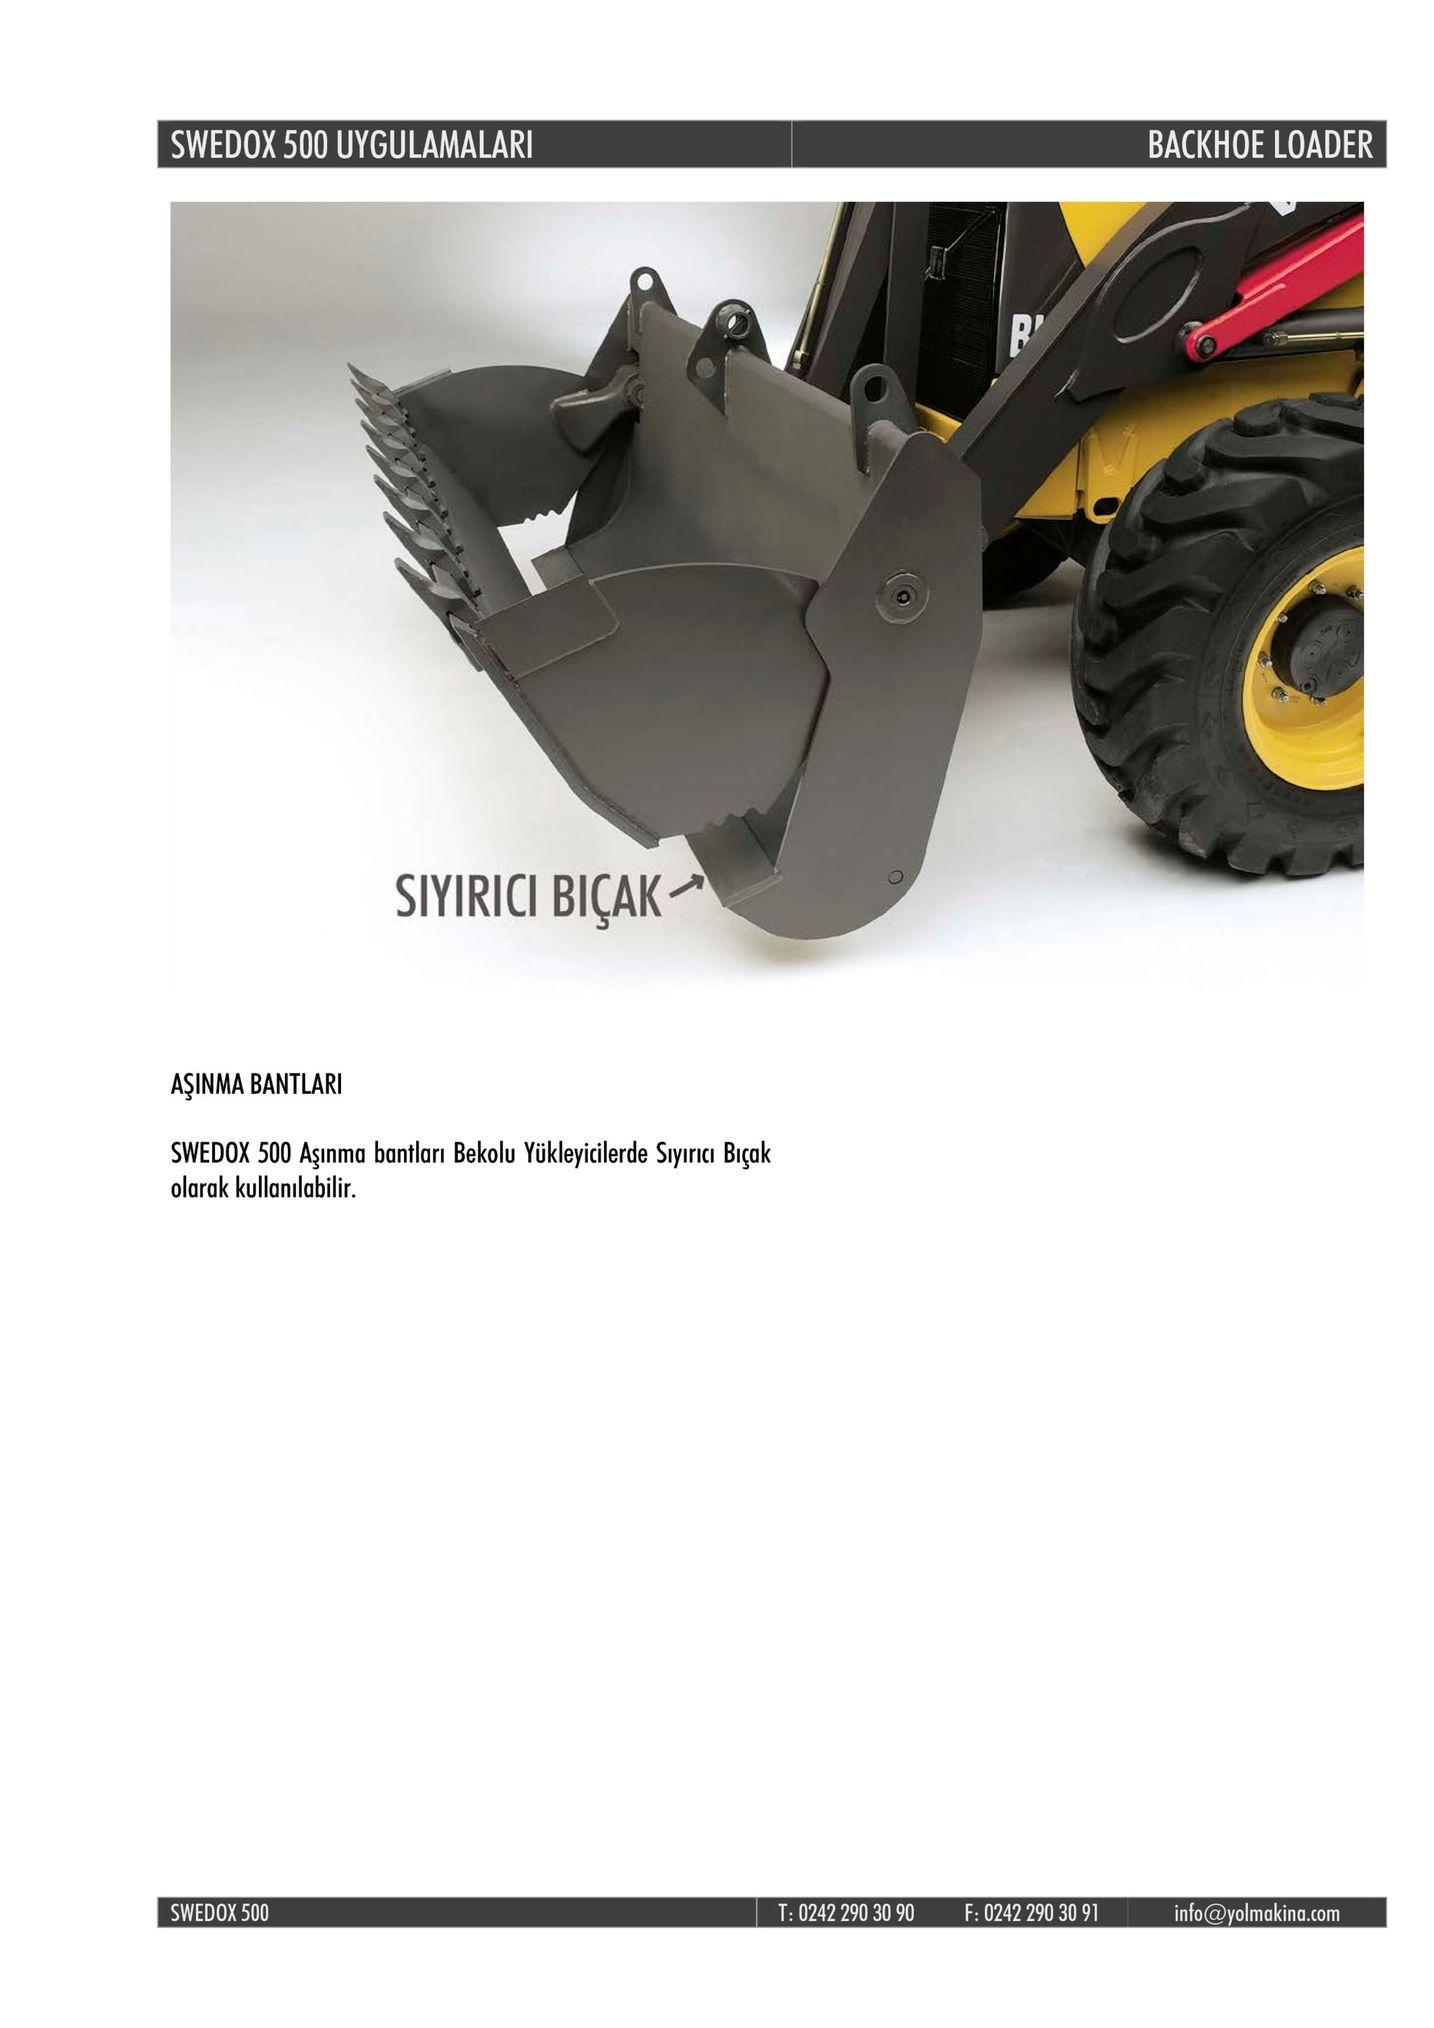 """swedox 500 uygulamalar backhoe loader siyirici biçak"""" aşinma bantlari swedox 500 aginma bantlari bekolu yükleyicilerde siyiria biçak olarak kullanılabilir. swedox 500 t: 0242 290 30 90 f: 0242 290 30 91 info@yolmakina.com"""